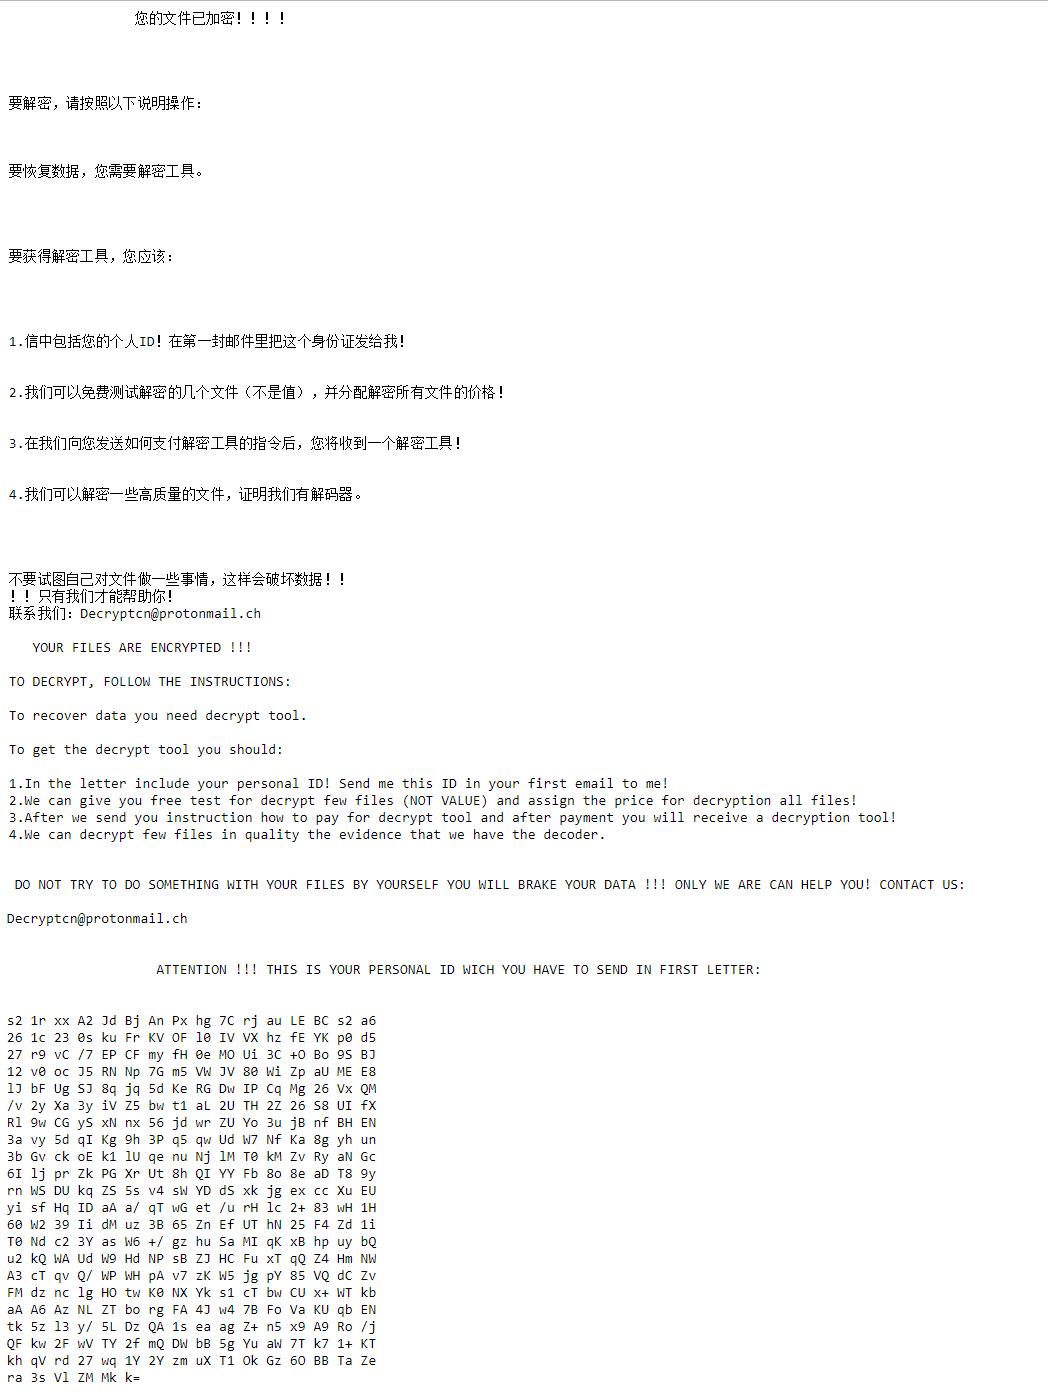 ChineseRarypt ransomware